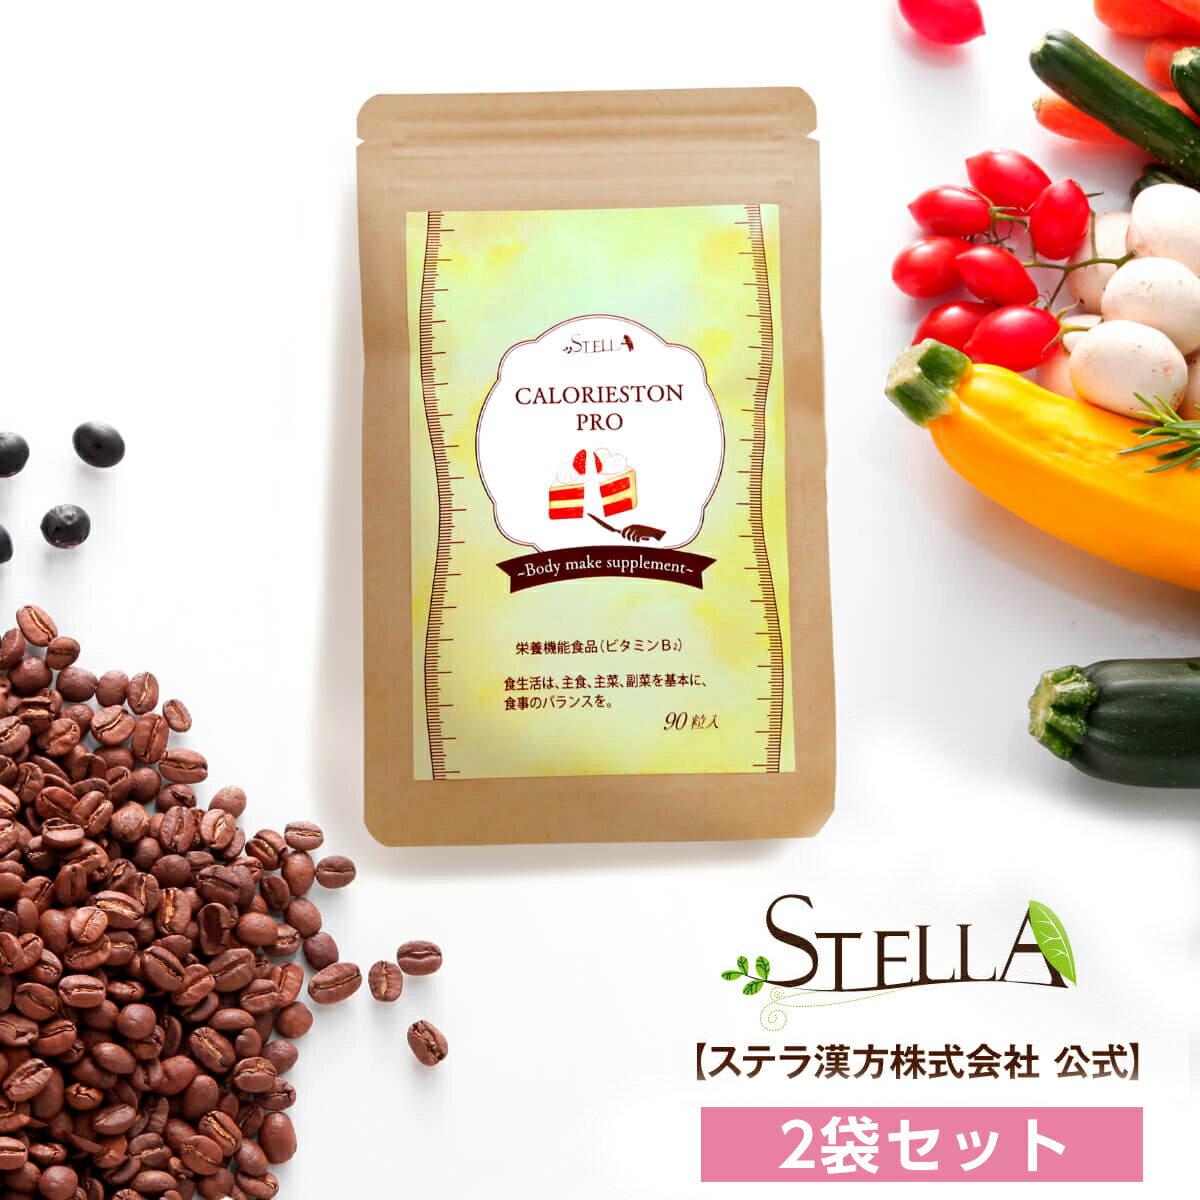 ステラ漢方公式保証商品カロリストンPRO2袋セット)L-カルニチン、黒豆、生コーヒー豆、北海道産昆布